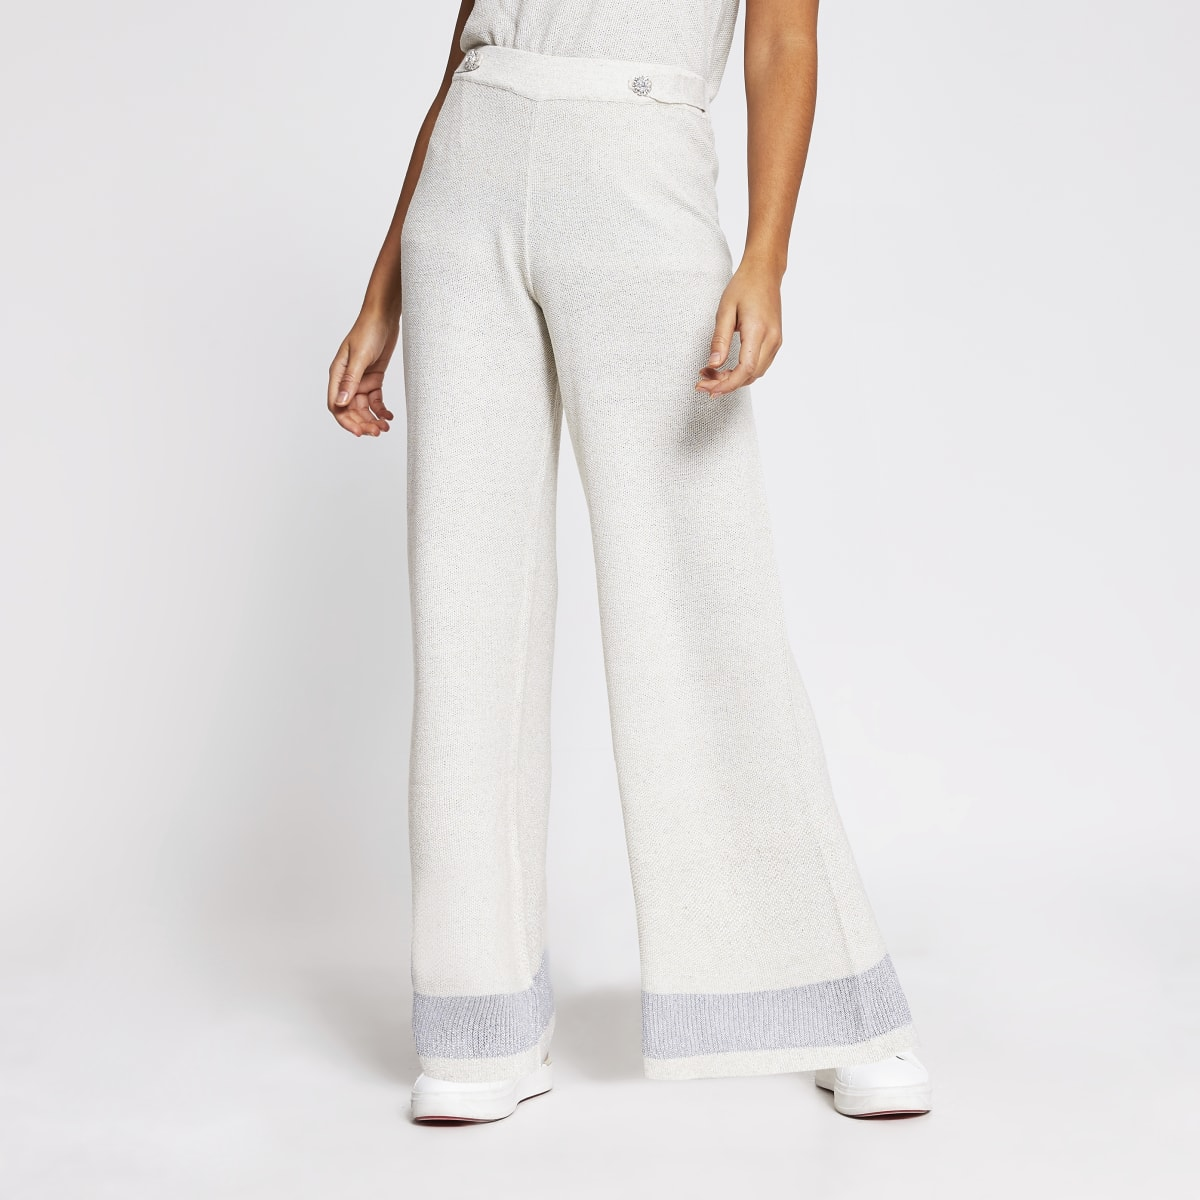 Beige Hose mit weitem Beinschnitt und Frontknöpfen